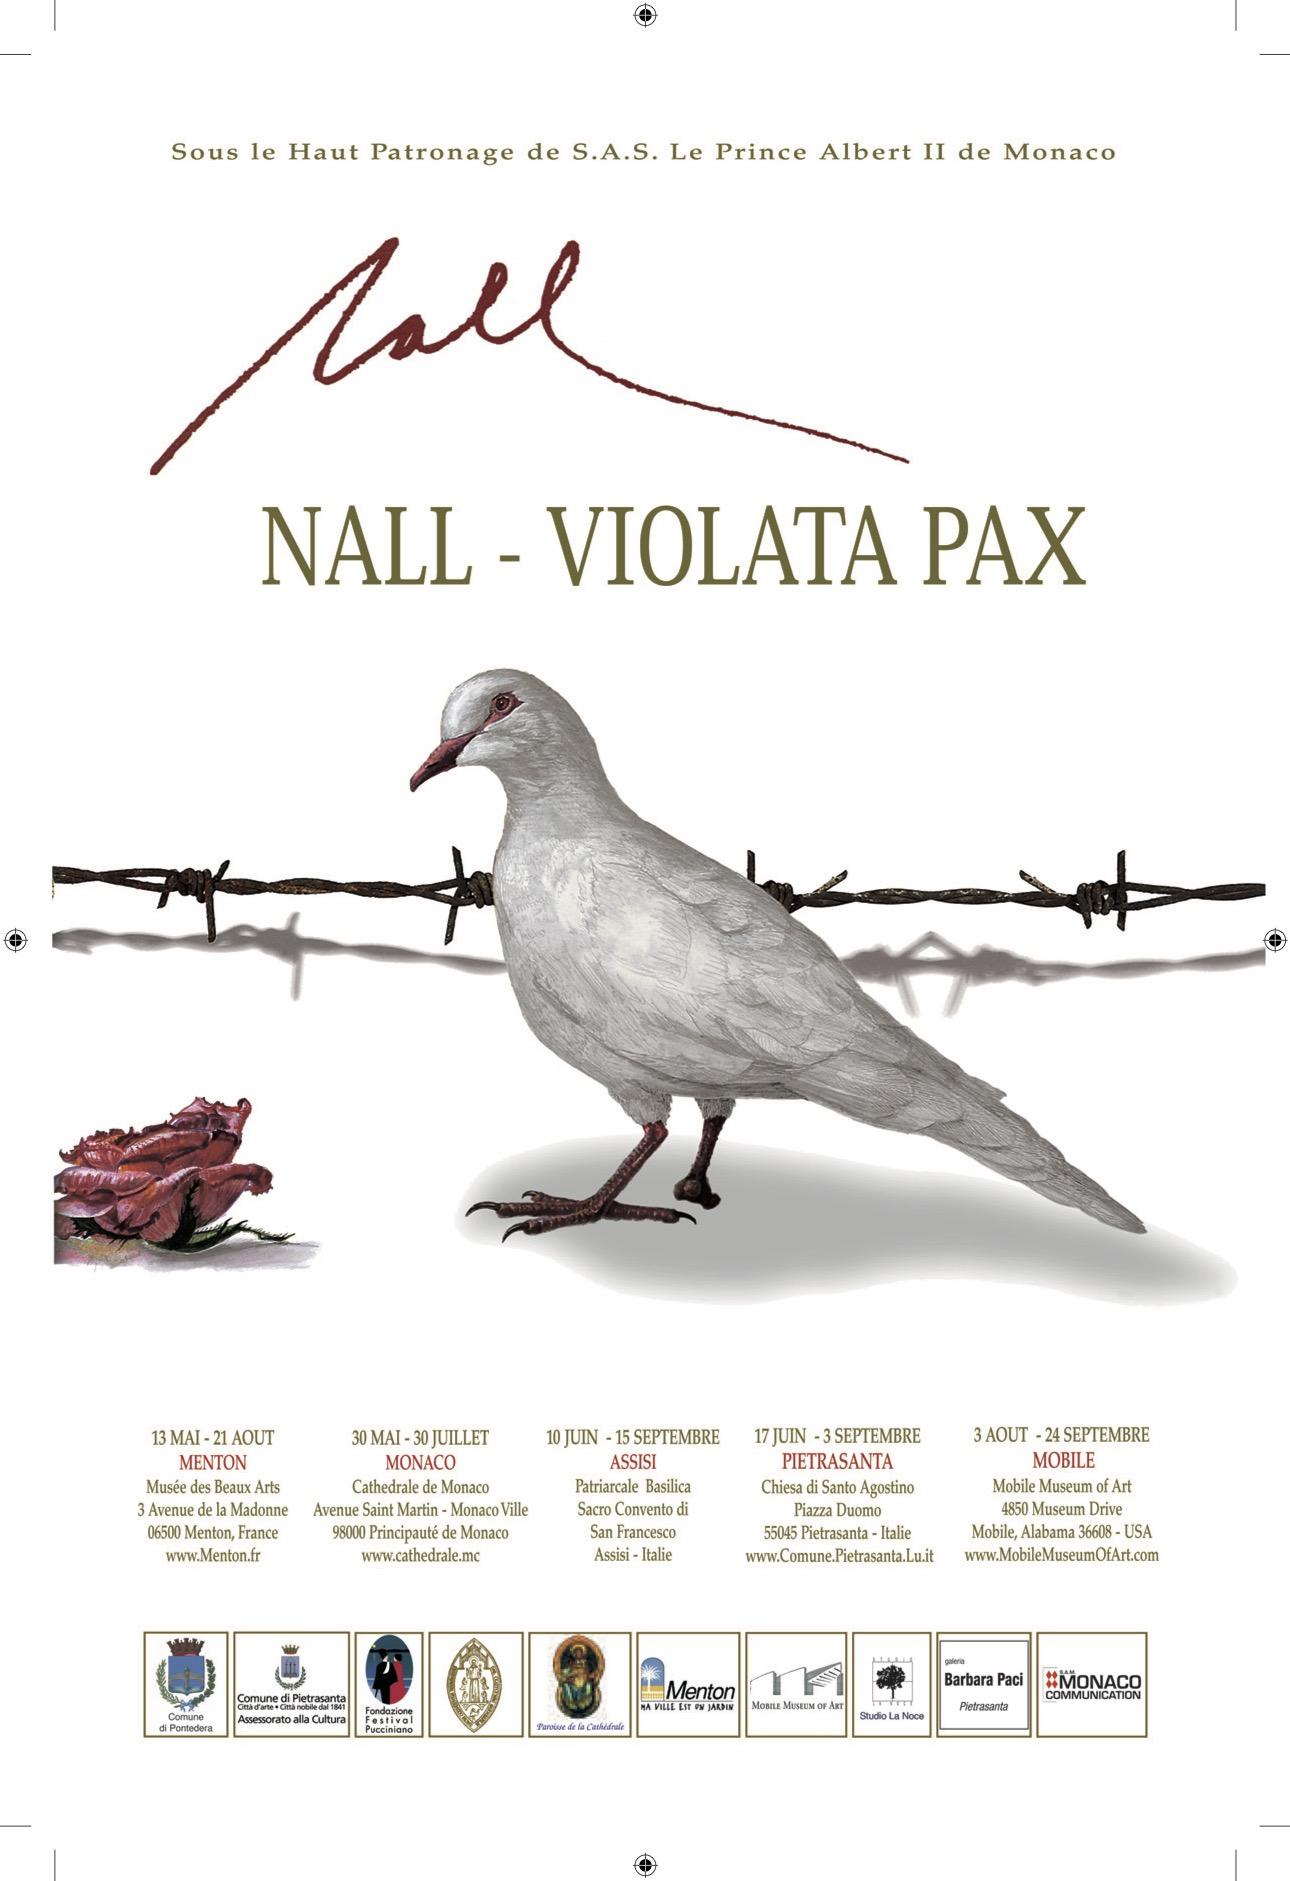 Violata Pax - 2006